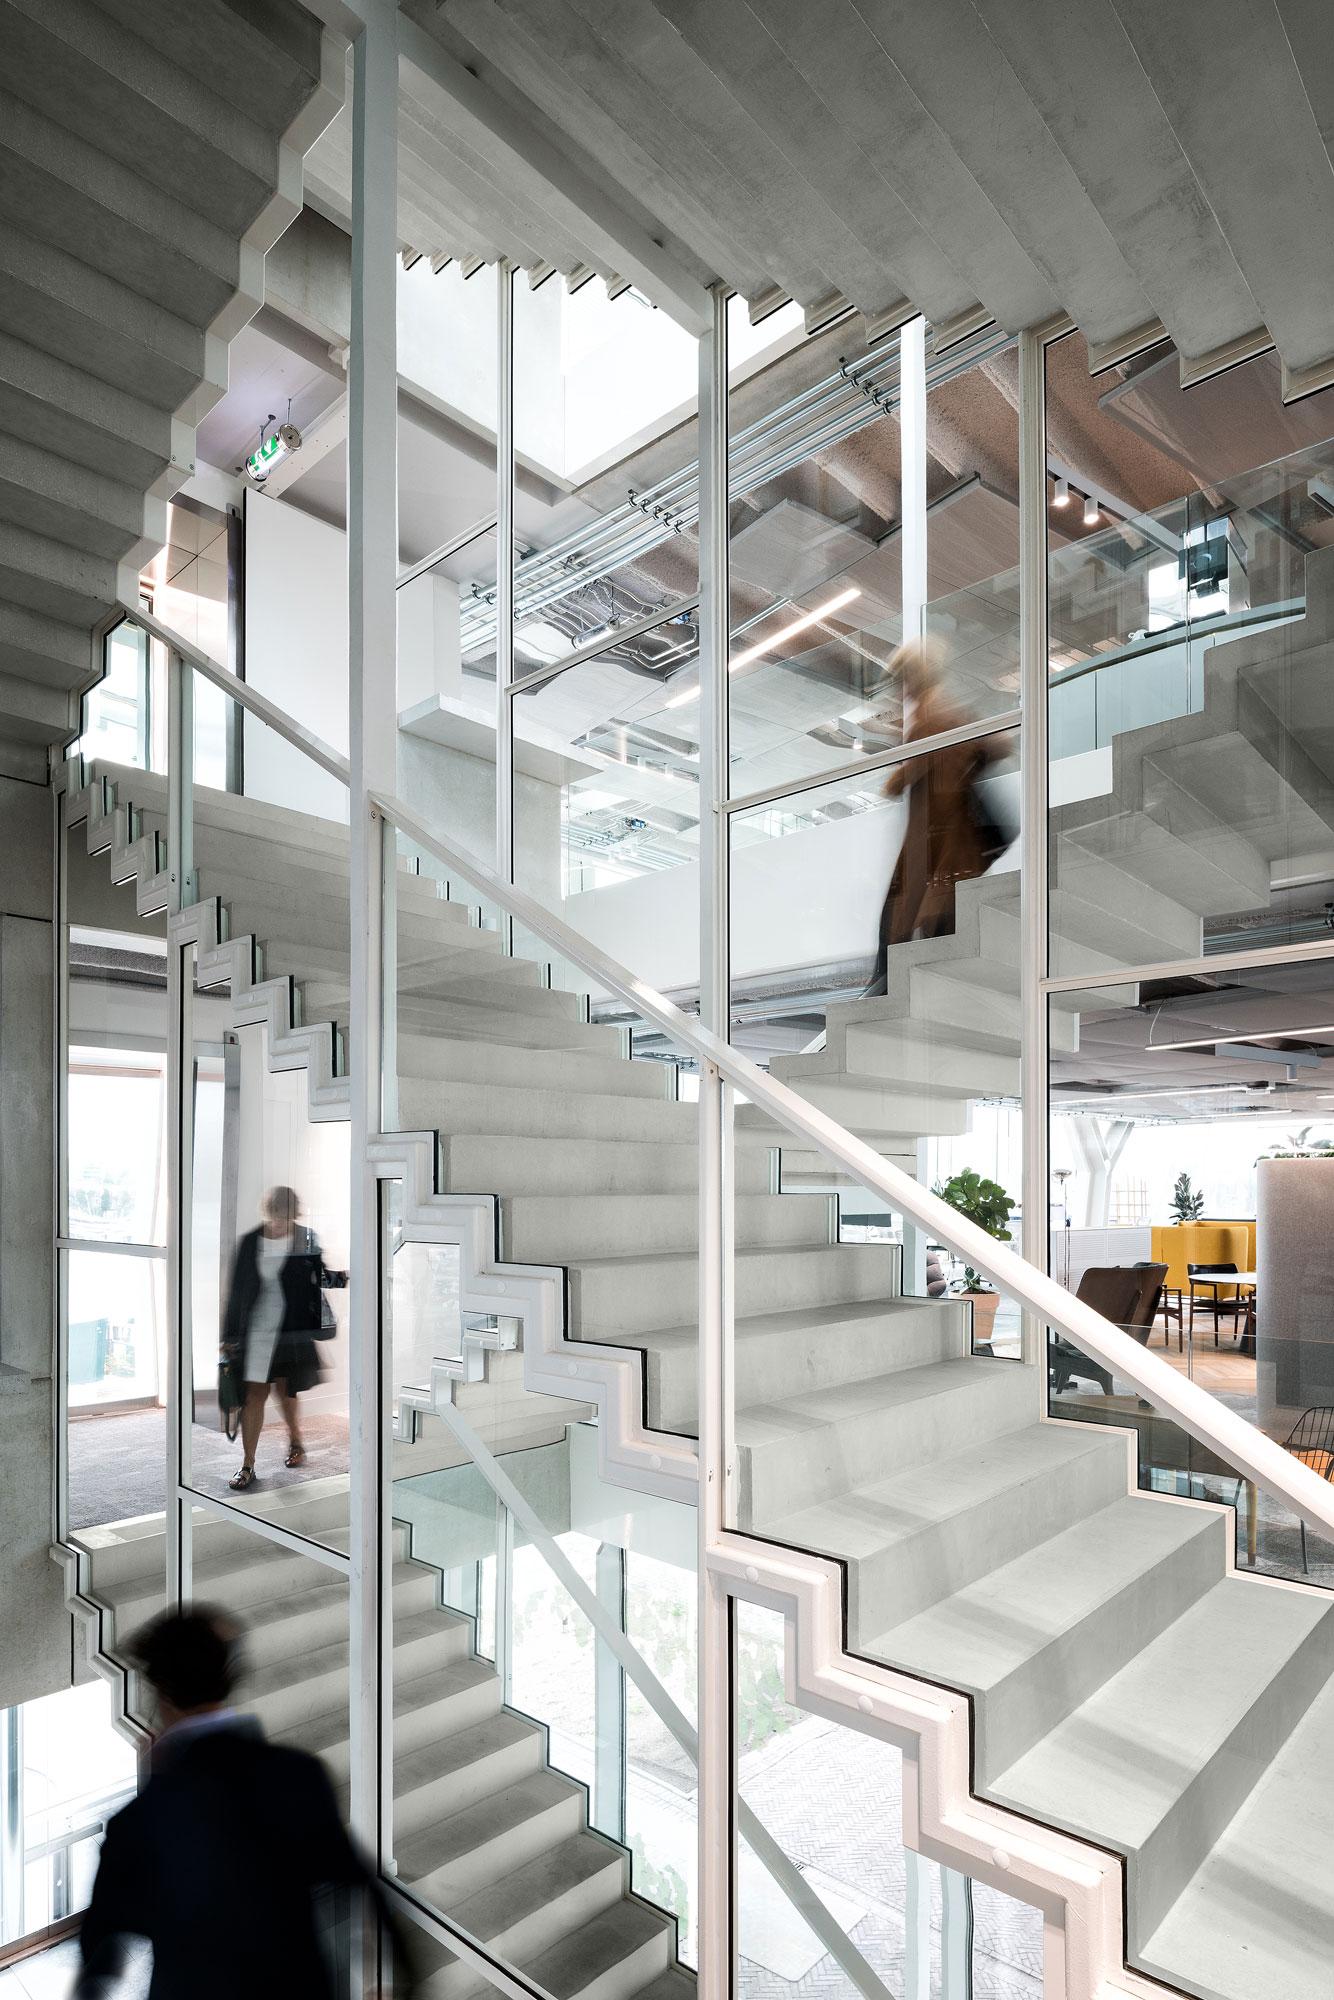 Amvest hoofdkantoor Amsterdam door Chiel de Nooyer - interieurfotograaf